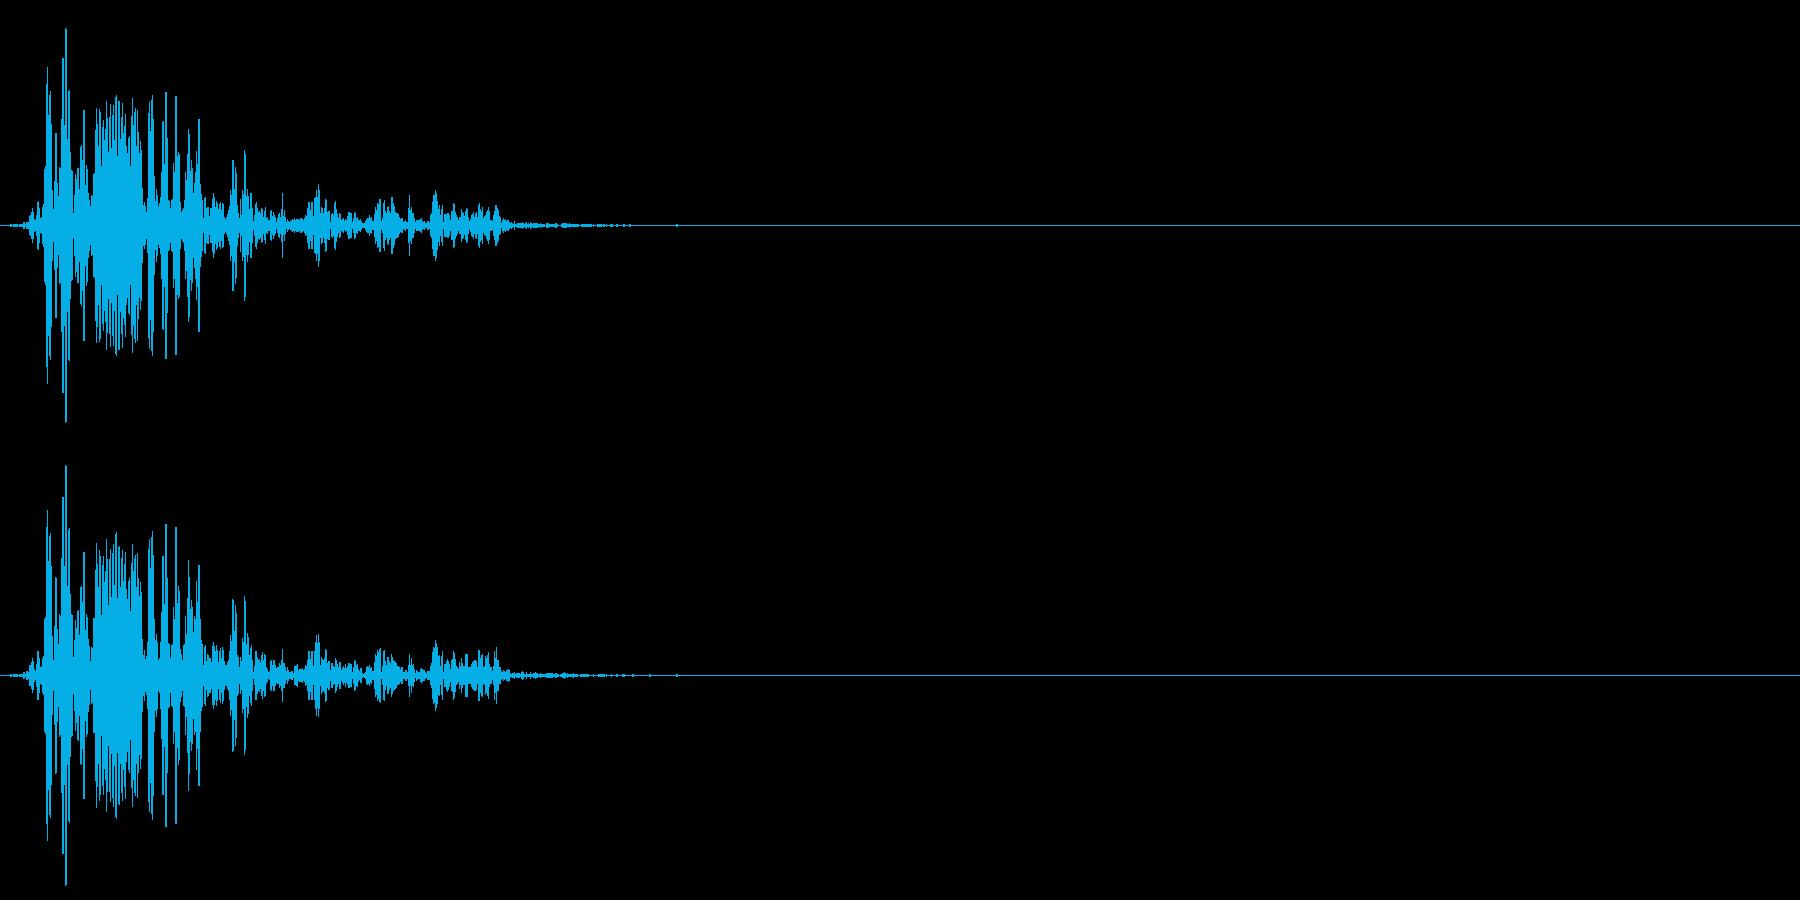 [生録音]ゴクリ、飲み込む音01(1回)の再生済みの波形